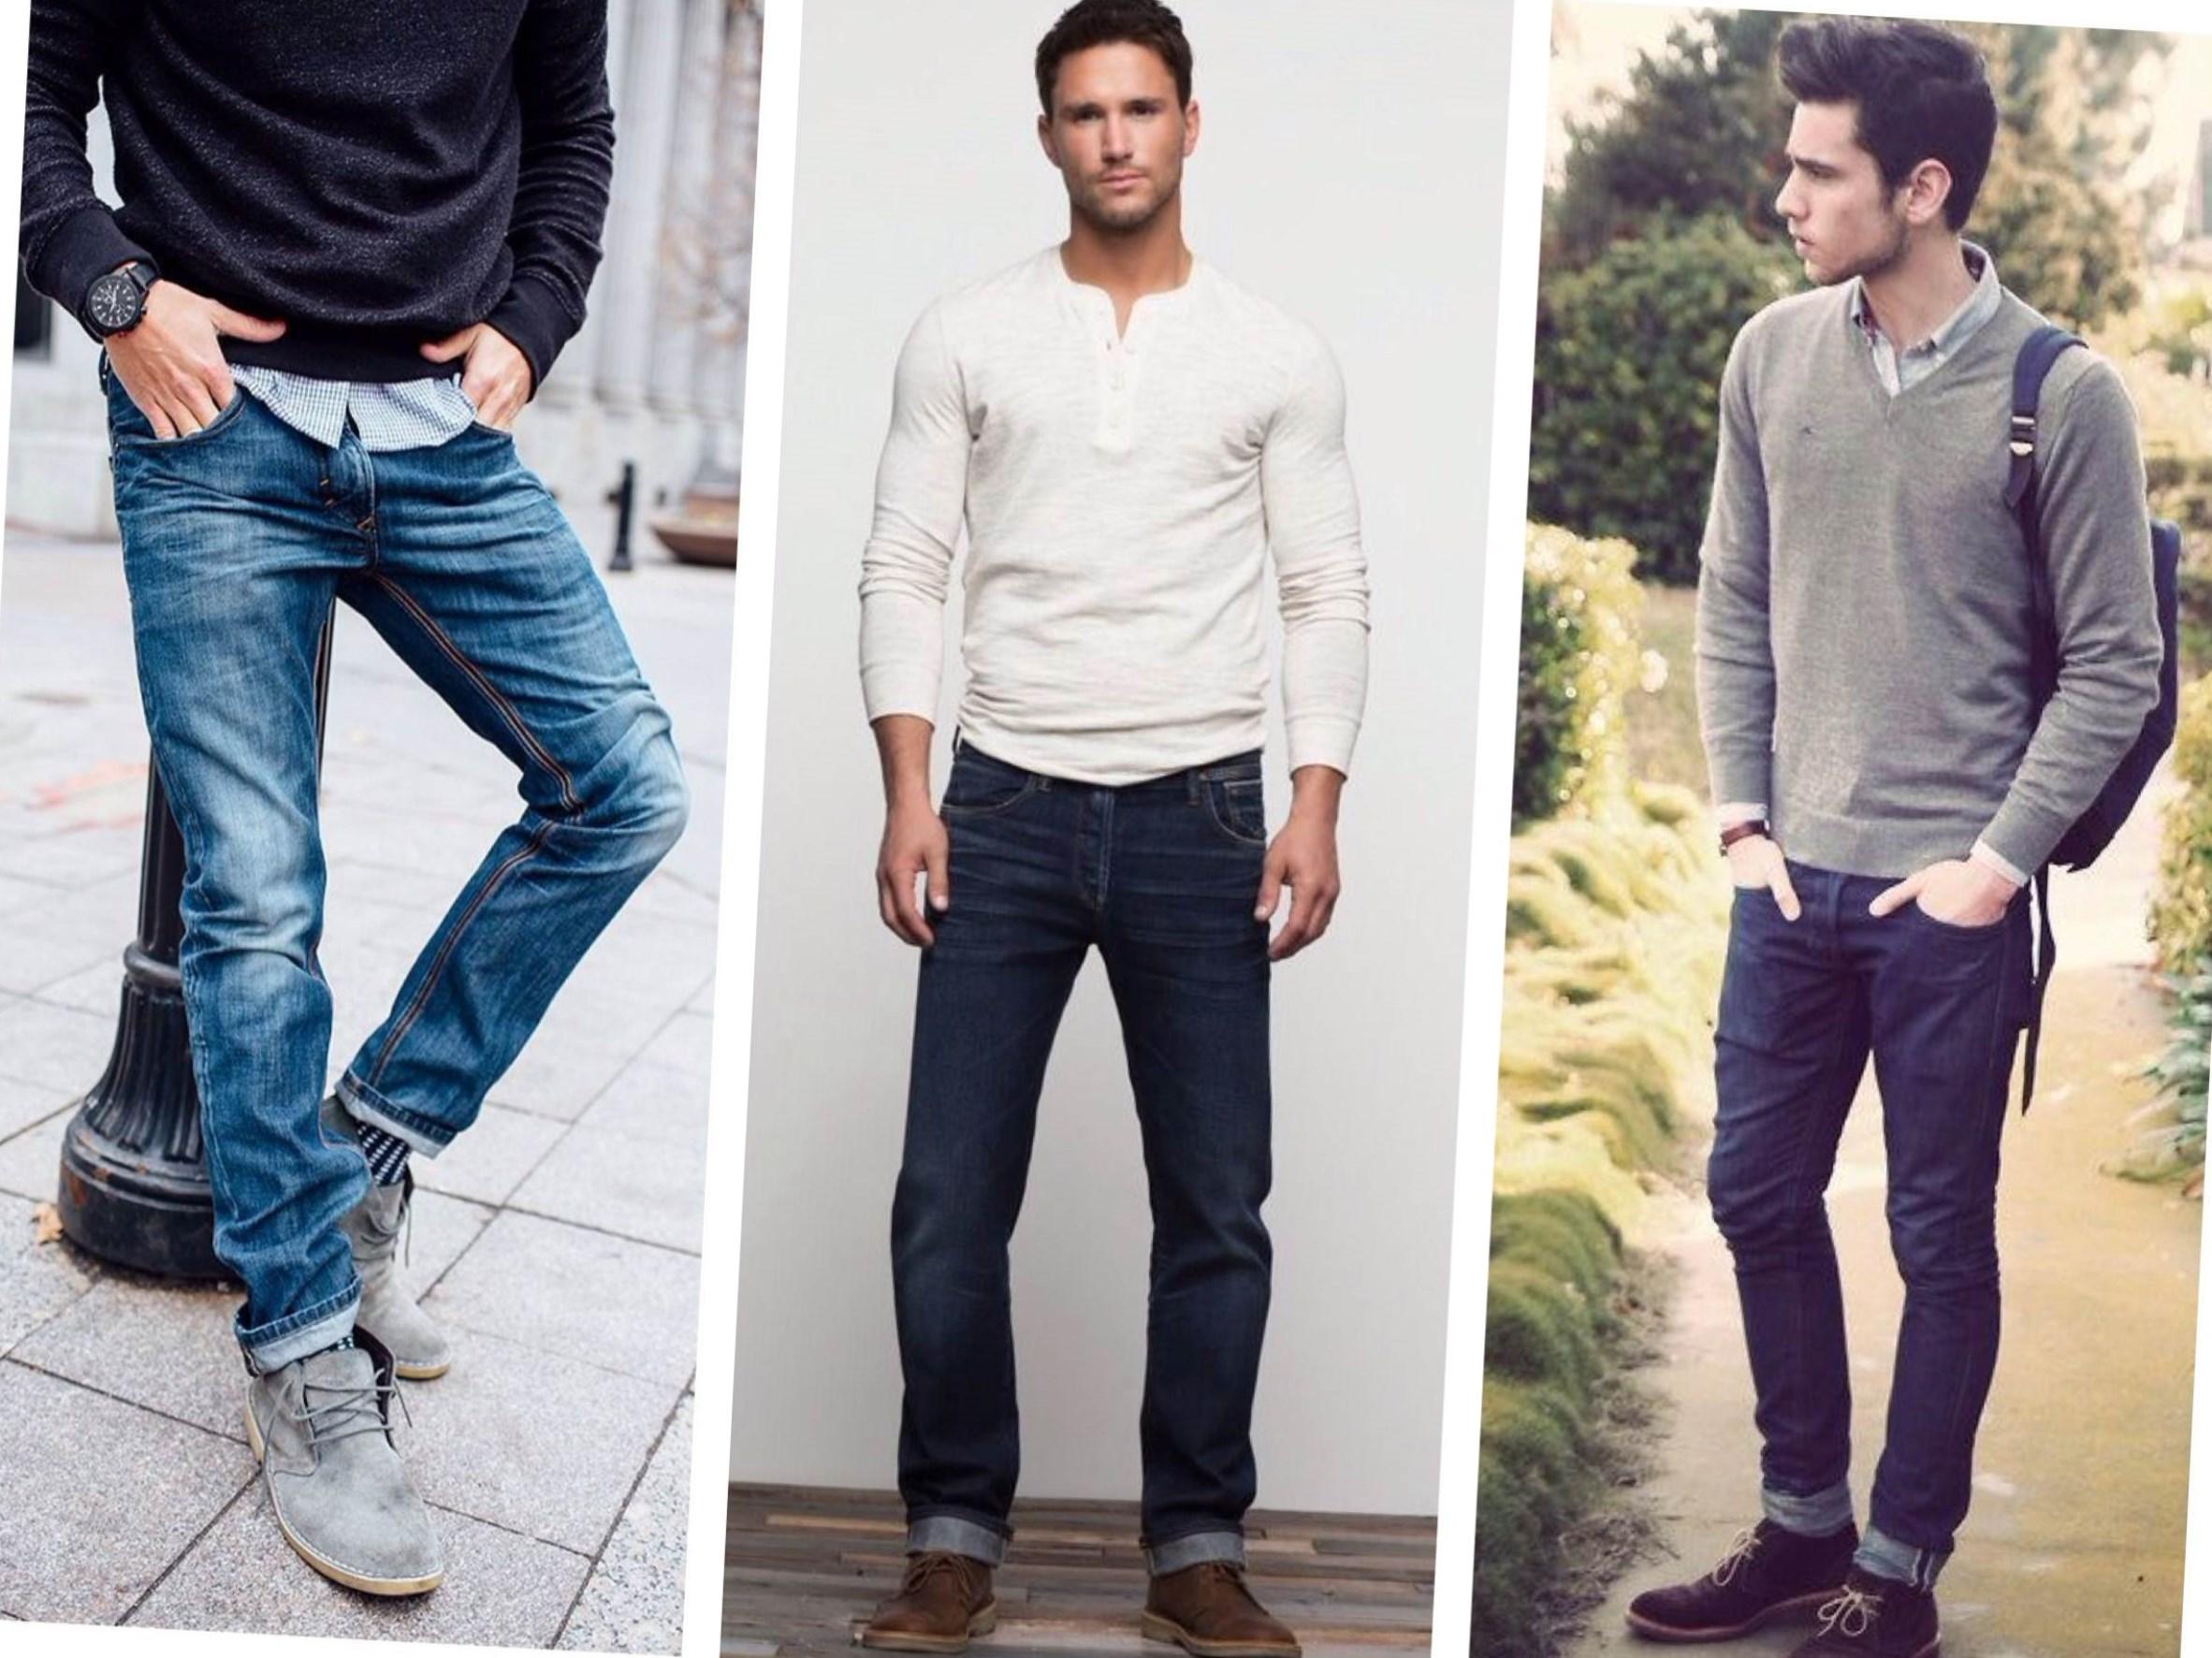 Как носить кроссовки с джинсами бойфренды. Этот способ просто шикарно вписывается в уличный стиль. Он прекрасно подойдет девушке, которая хочет произвести впечатление «мне все равно, что вы думаете».